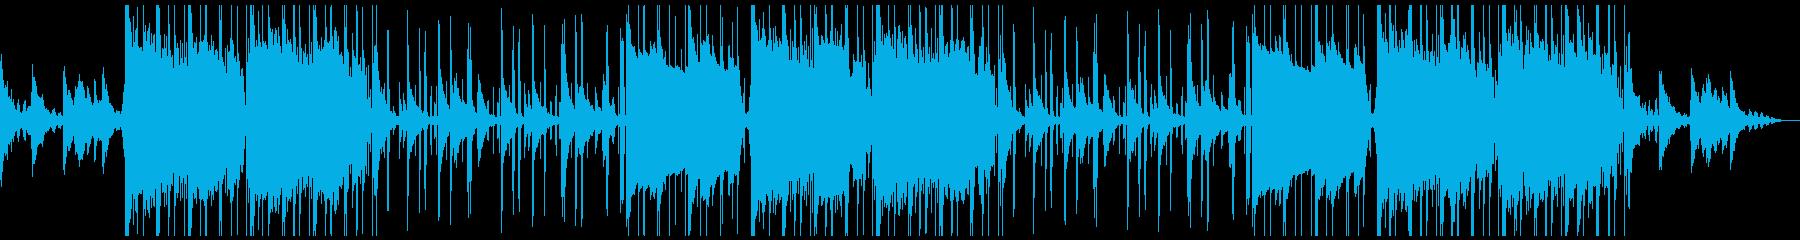 怪しげな雰囲気のあるR&Bの再生済みの波形